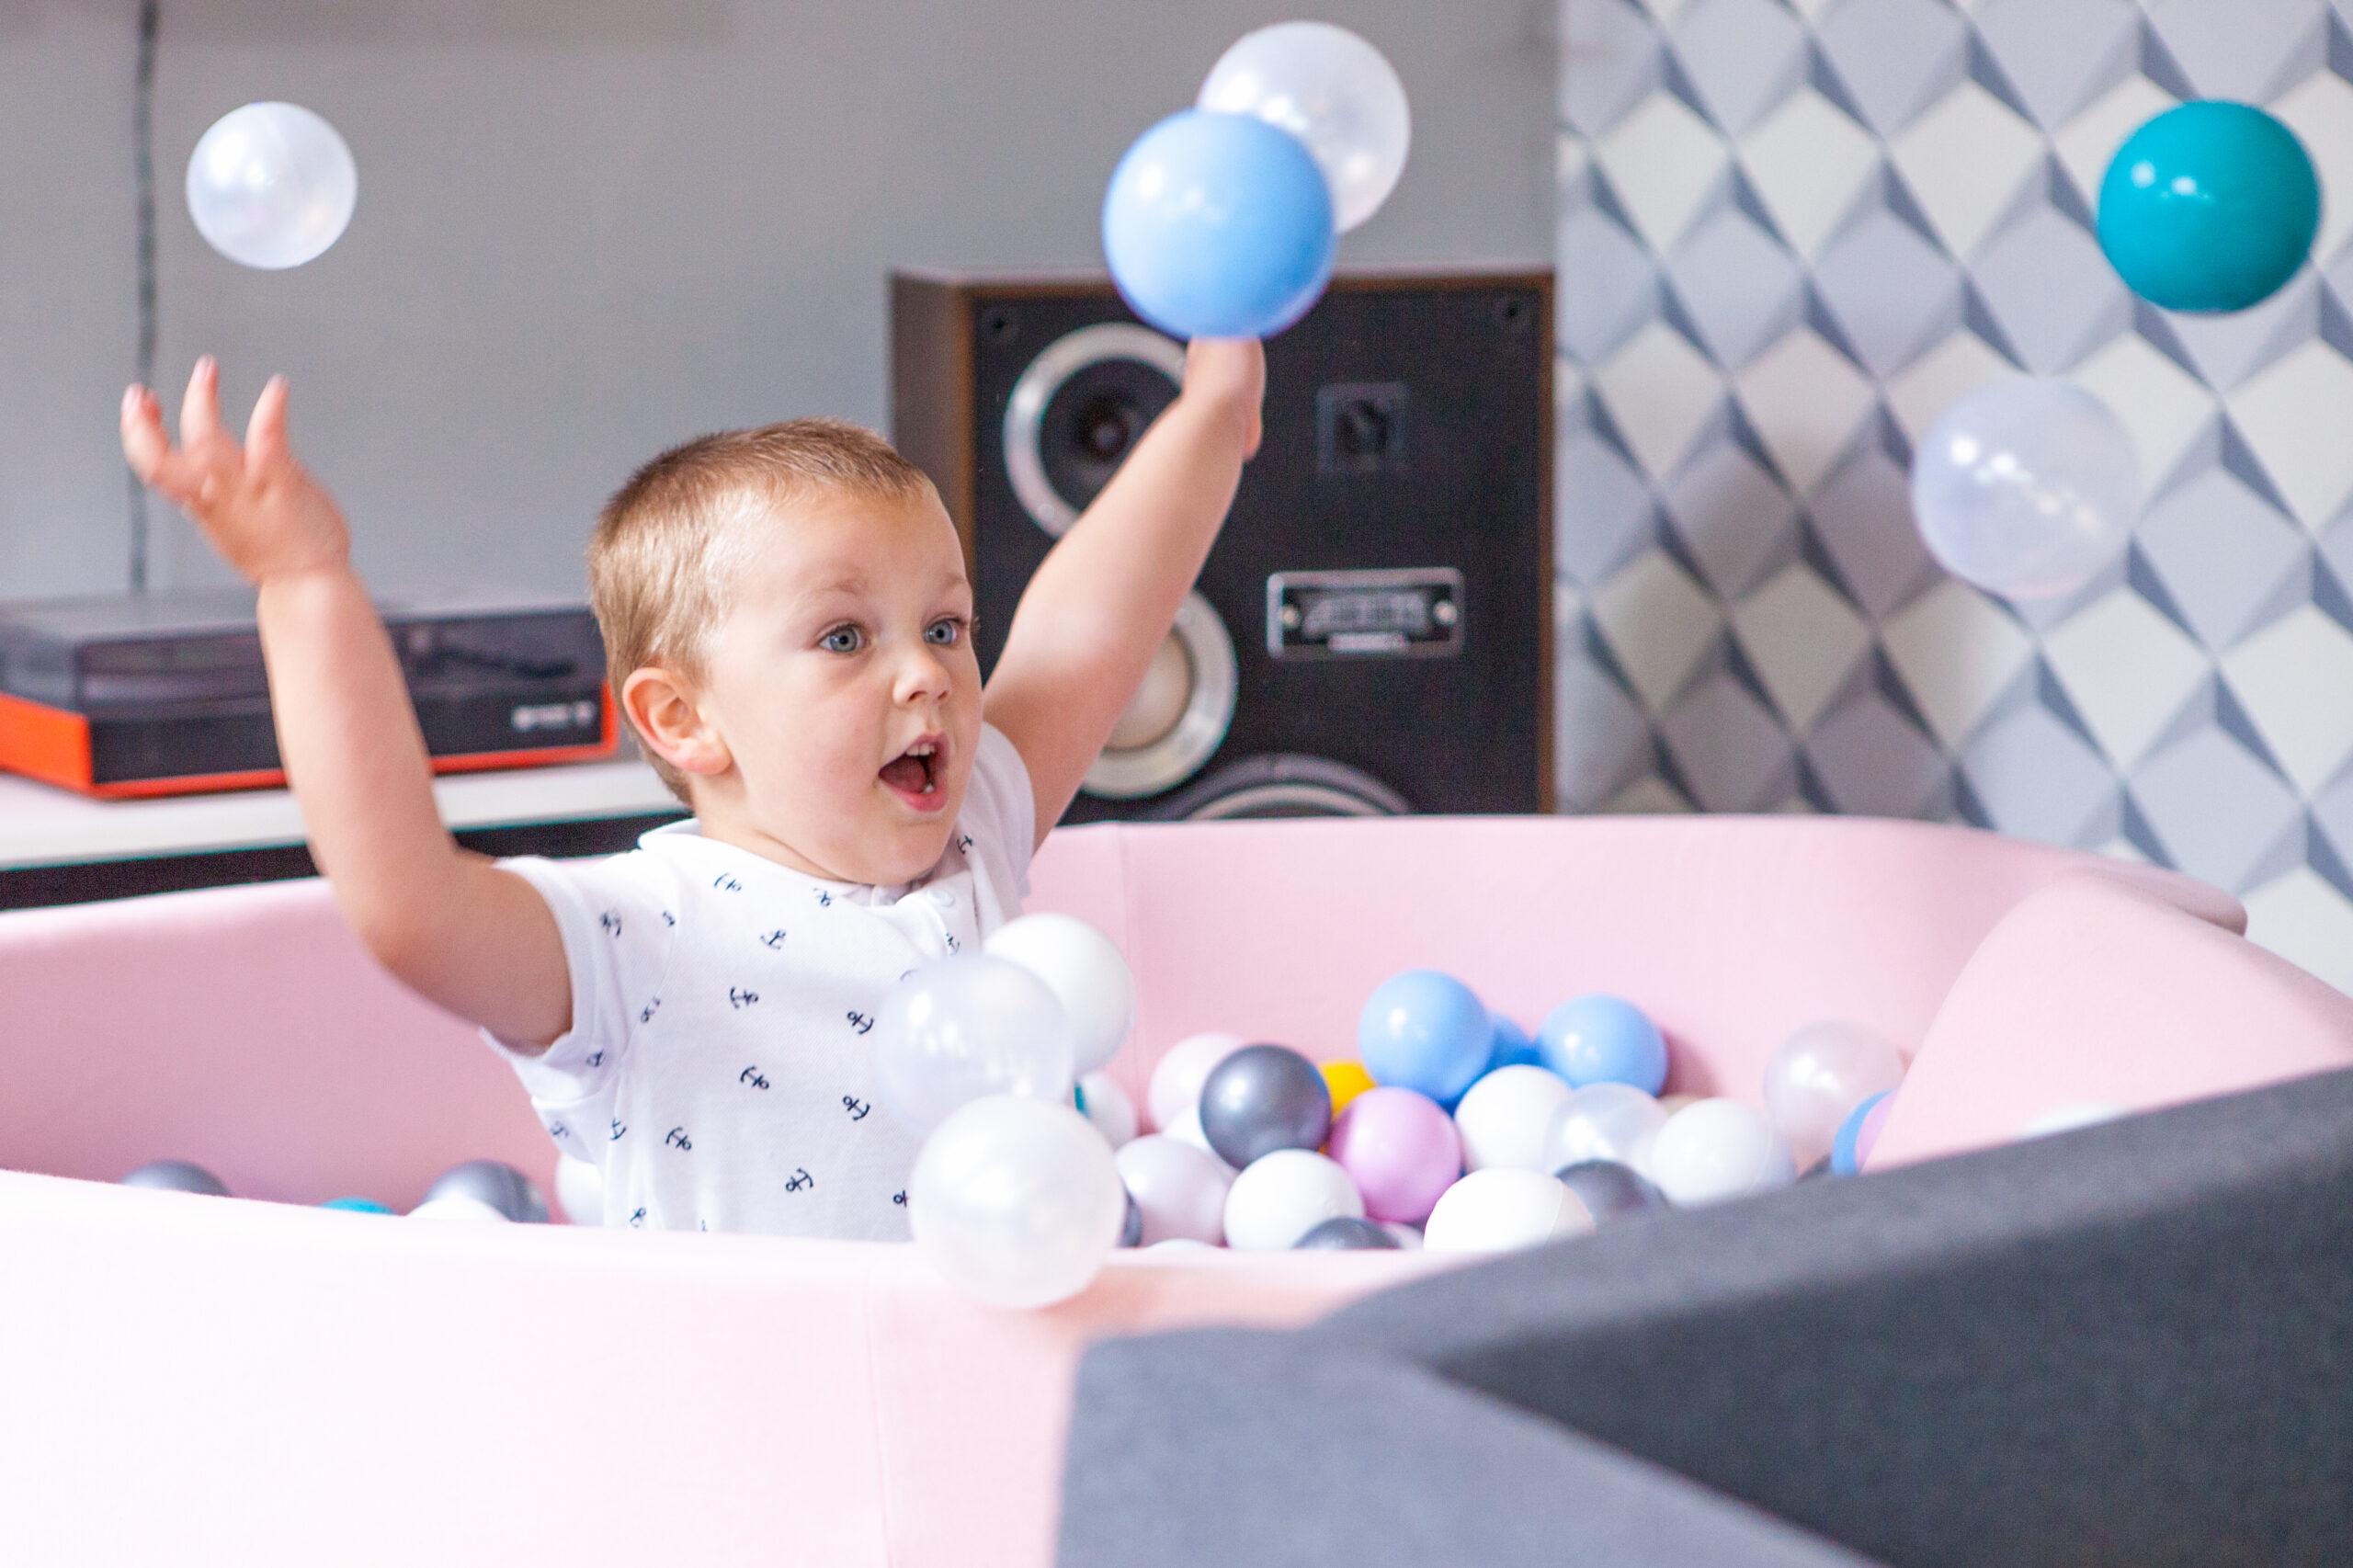 Zabawy z rocznym dzieckiem. Jak wspierać rozwój dziecka?